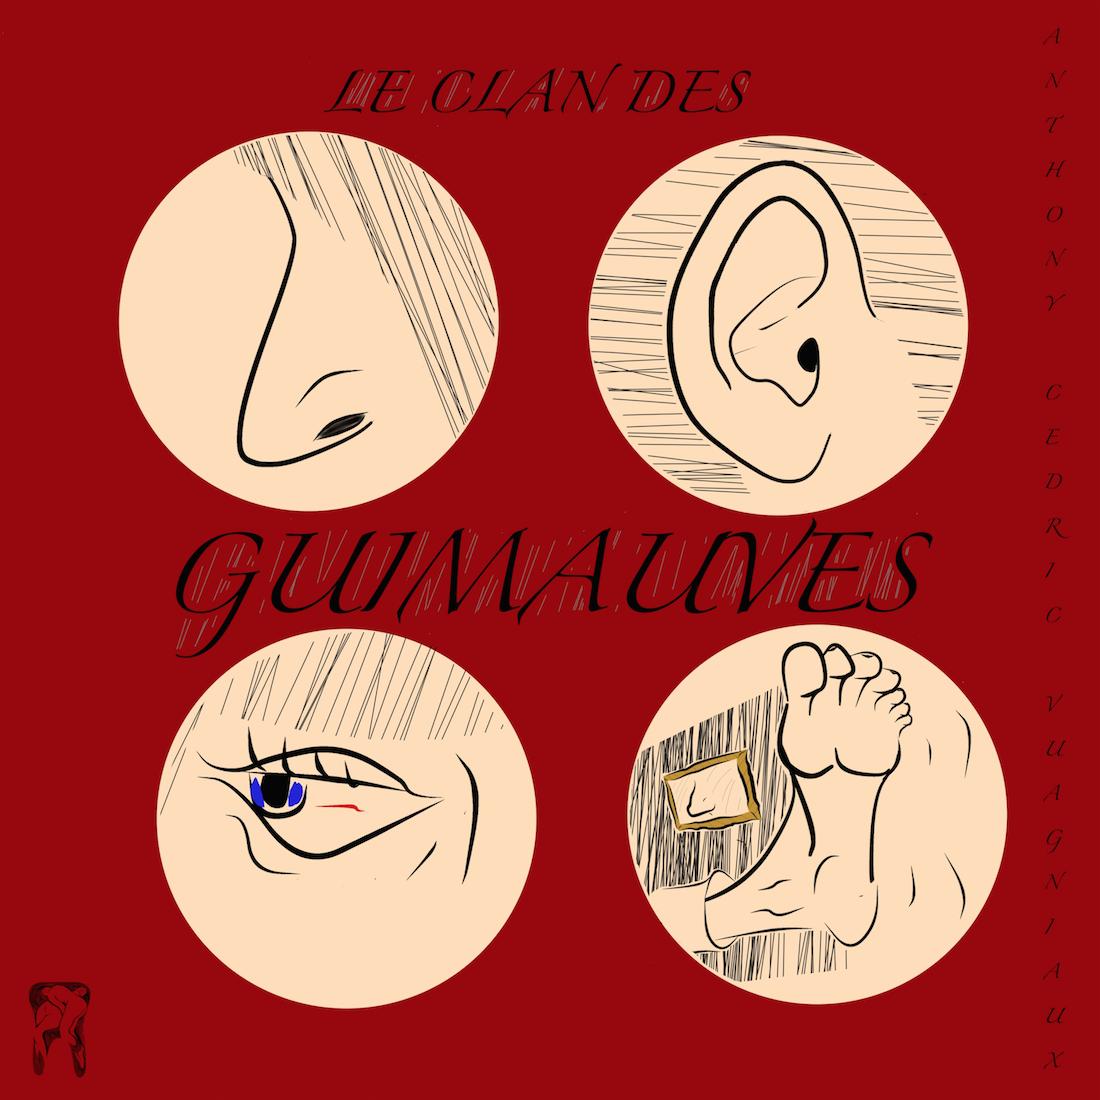 Le_clan_des_guimauves